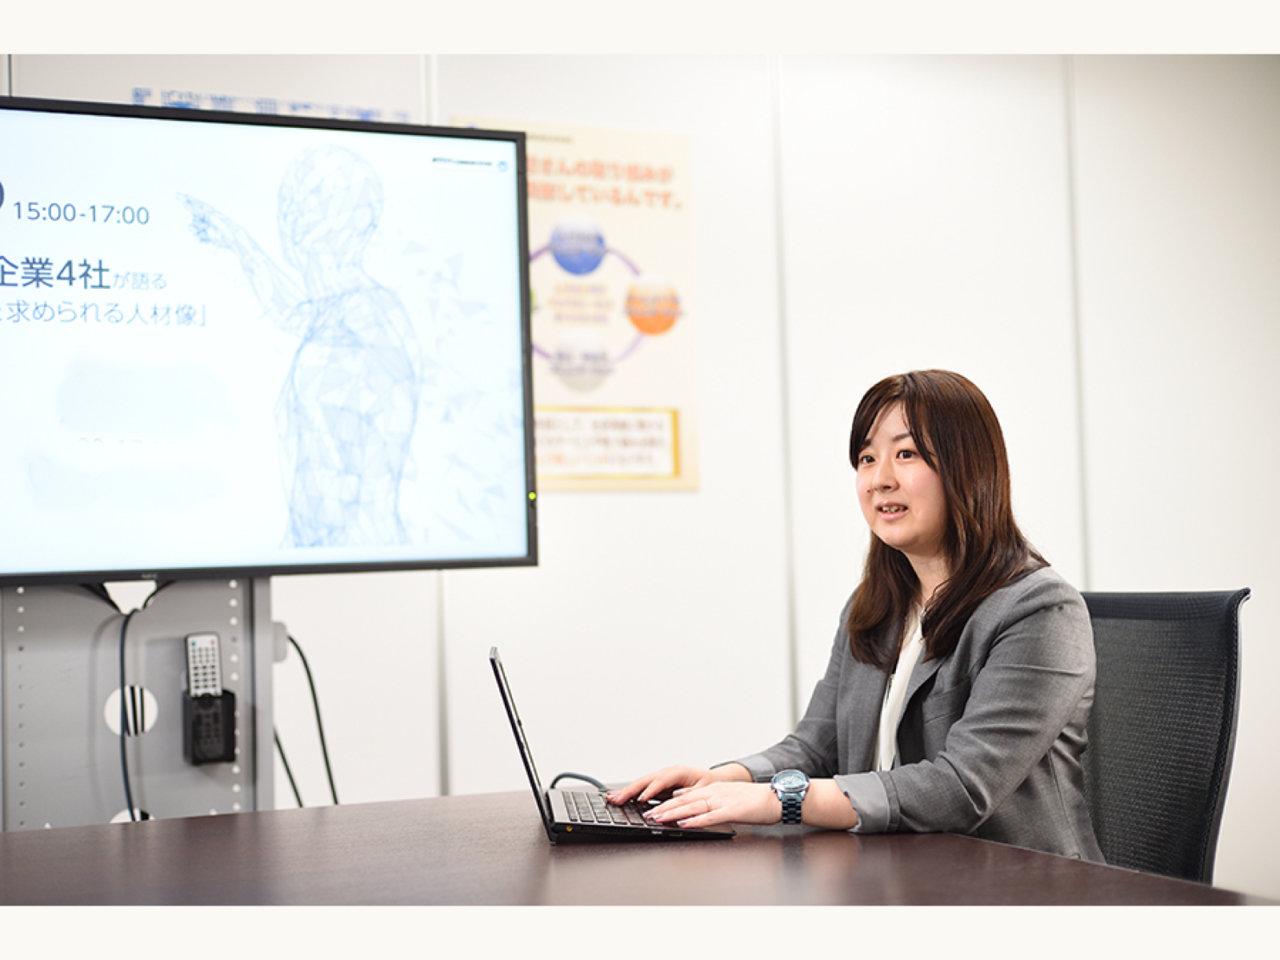 日本の未来を担うAI人材の育成を支援